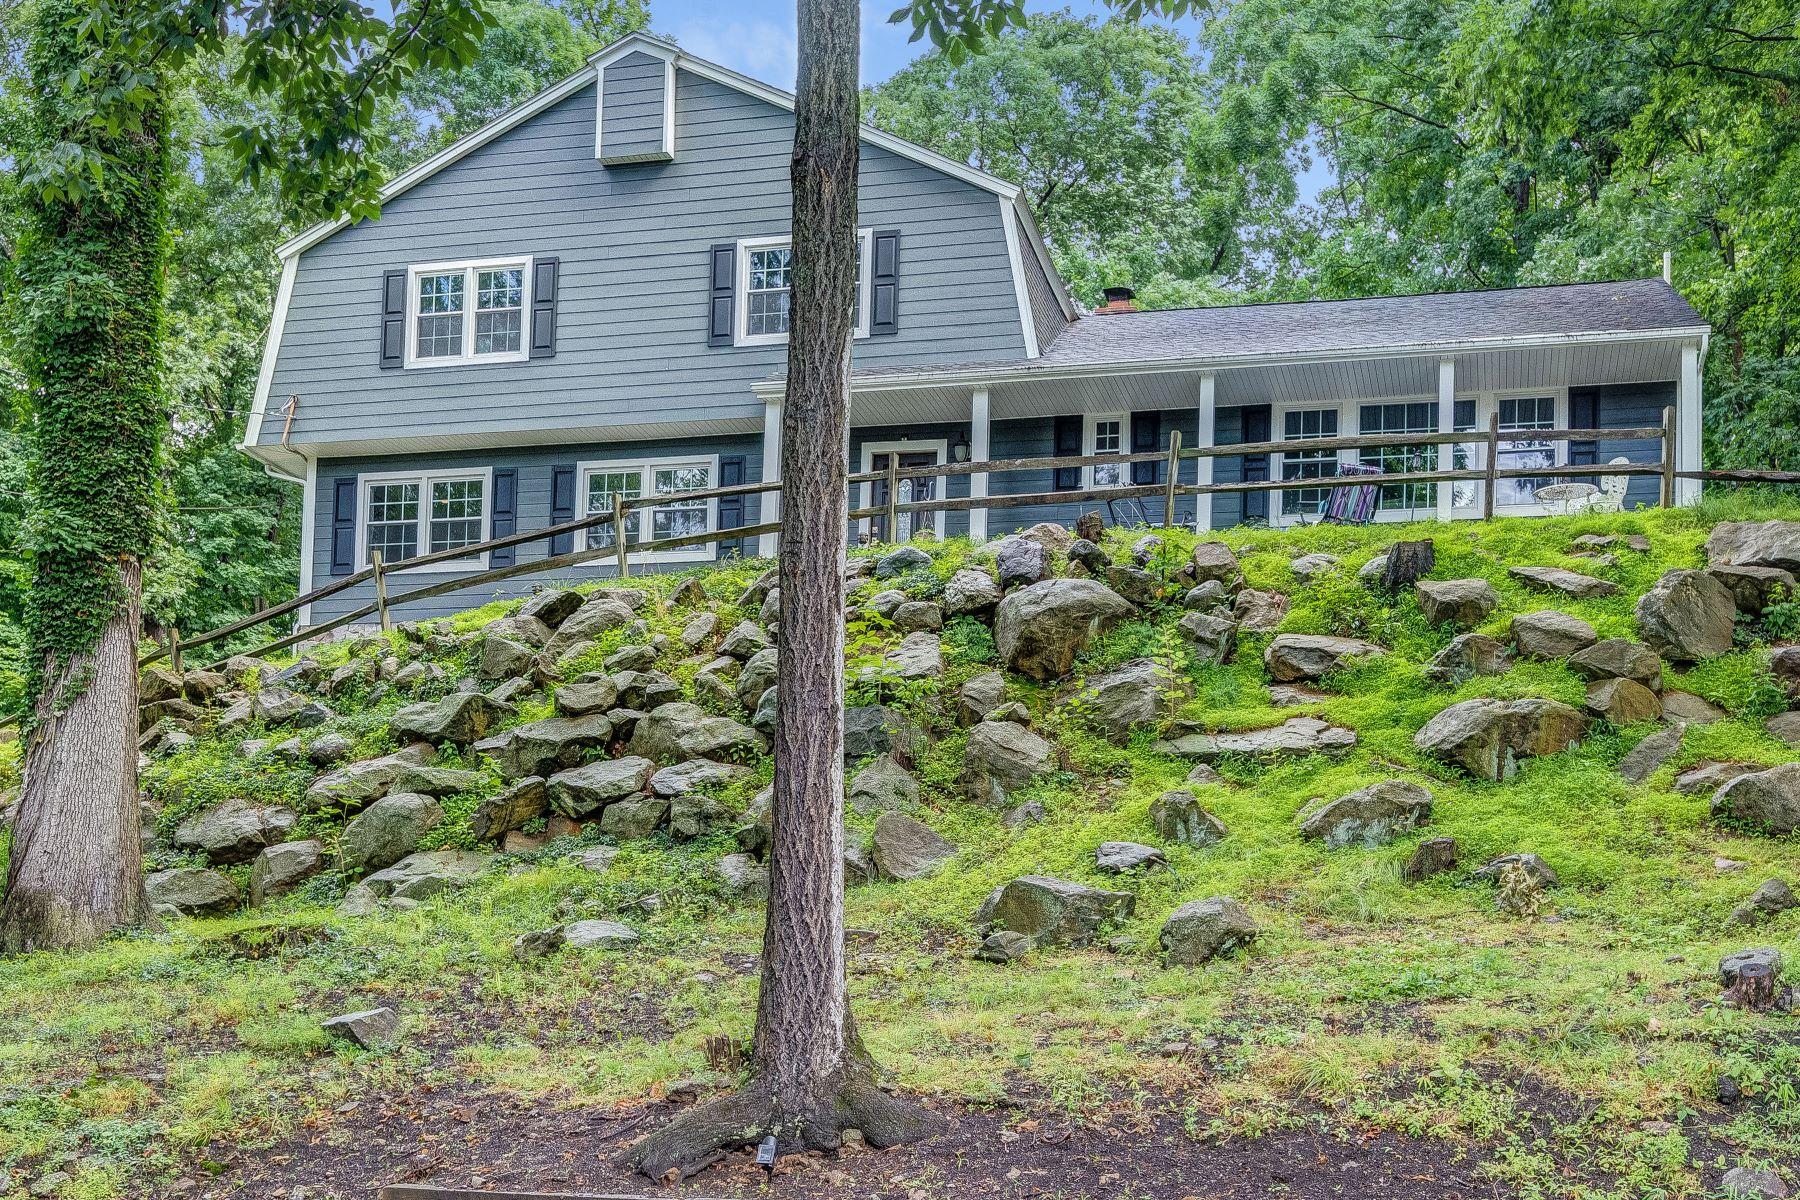 Частный односемейный дом для того Продажа на Completely Renovated! 27 Beaver Ridge Road, Morris Plains, Нью-Джерси 07950 Соединенные Штаты